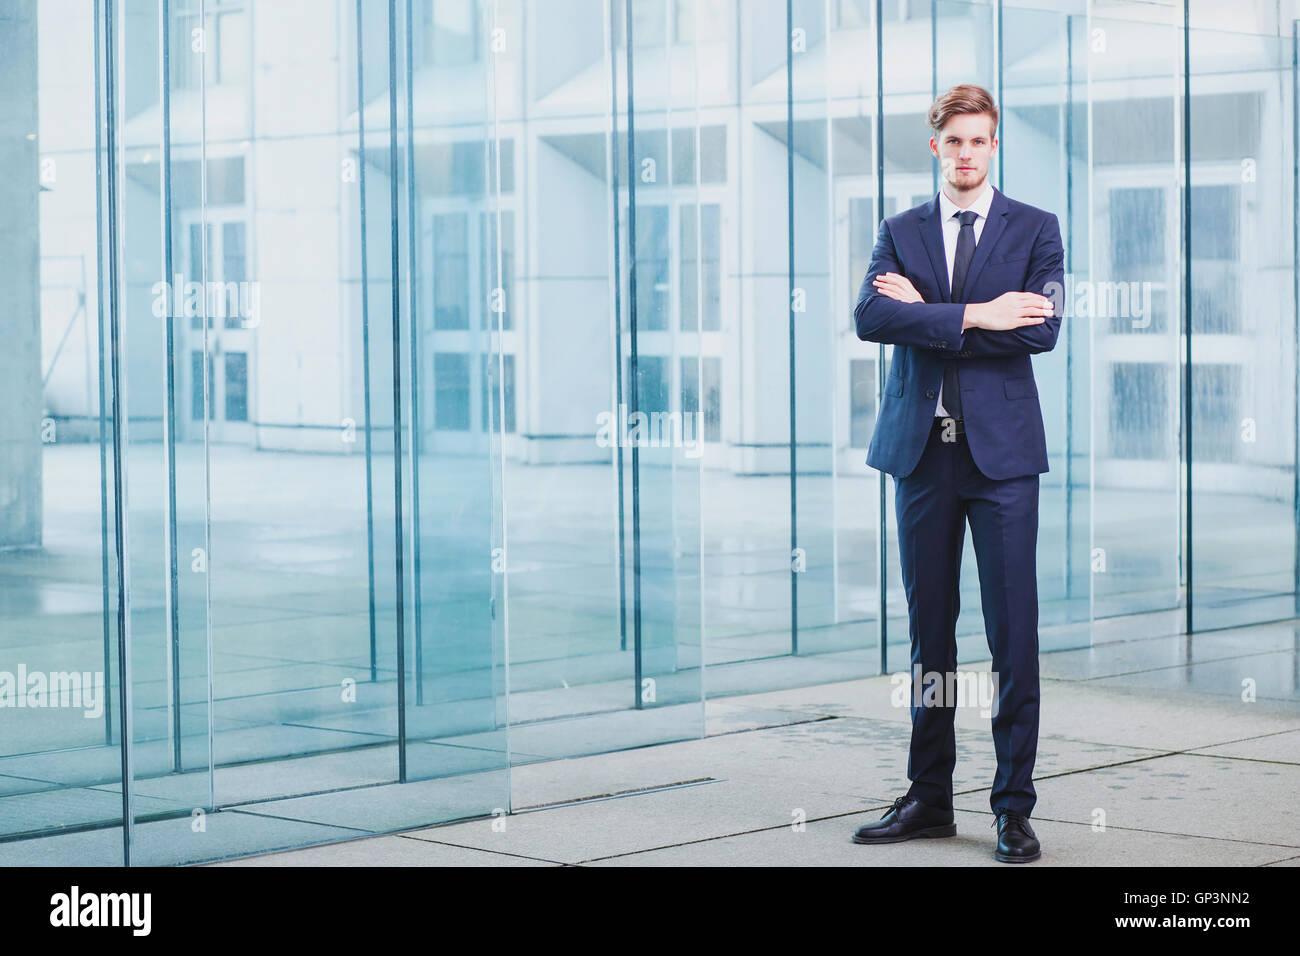 Geschäftsmann, stehen abstrakte betriebswirtschaftlichen Hintergrund, Ganzkörper-Porträt Stockbild